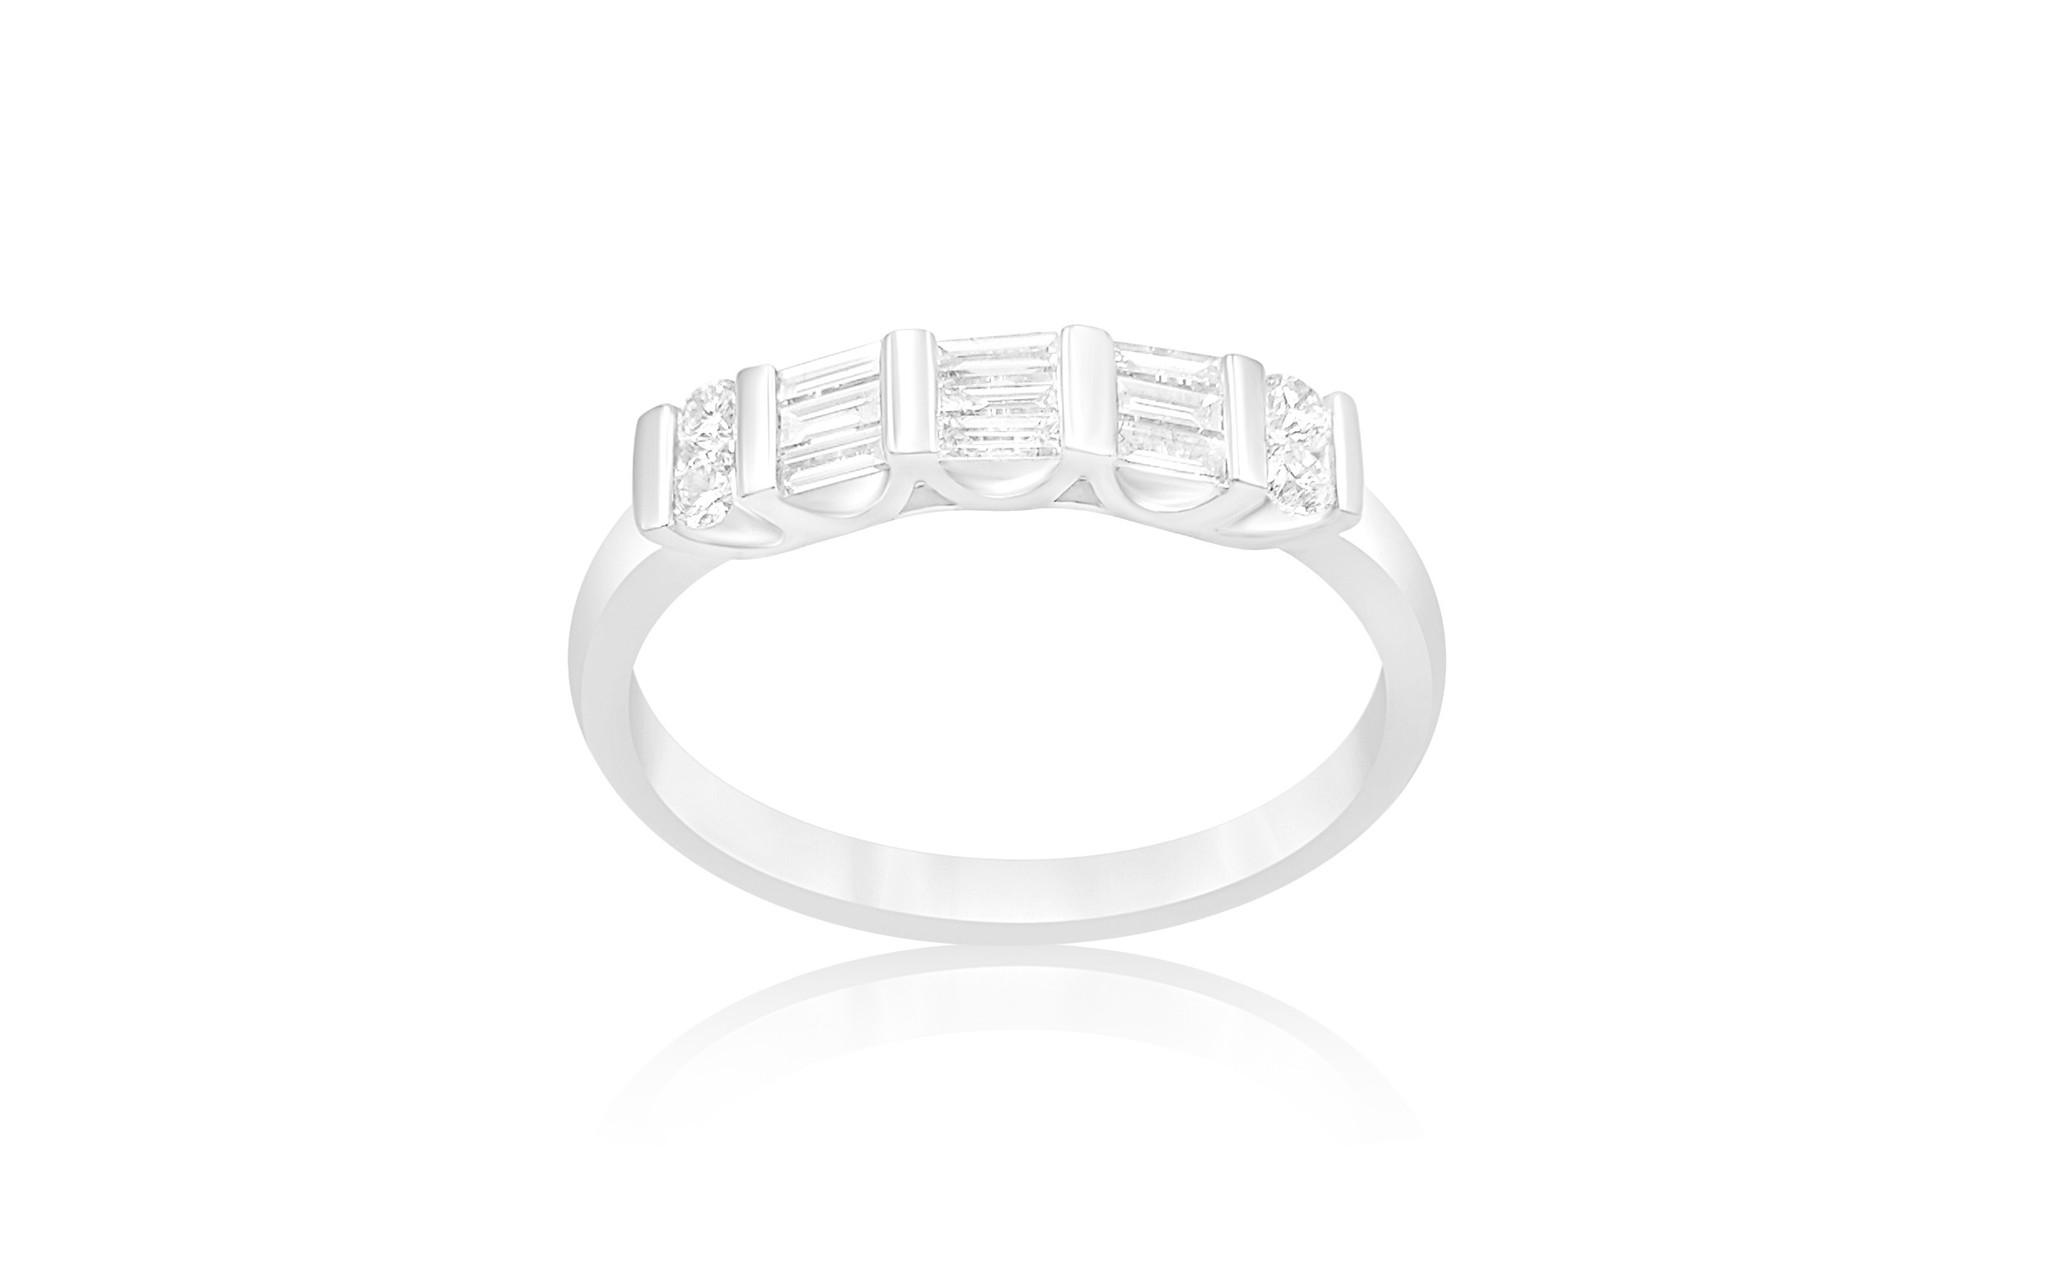 18 karaat wit goud ring met 0.40 CT diamanten